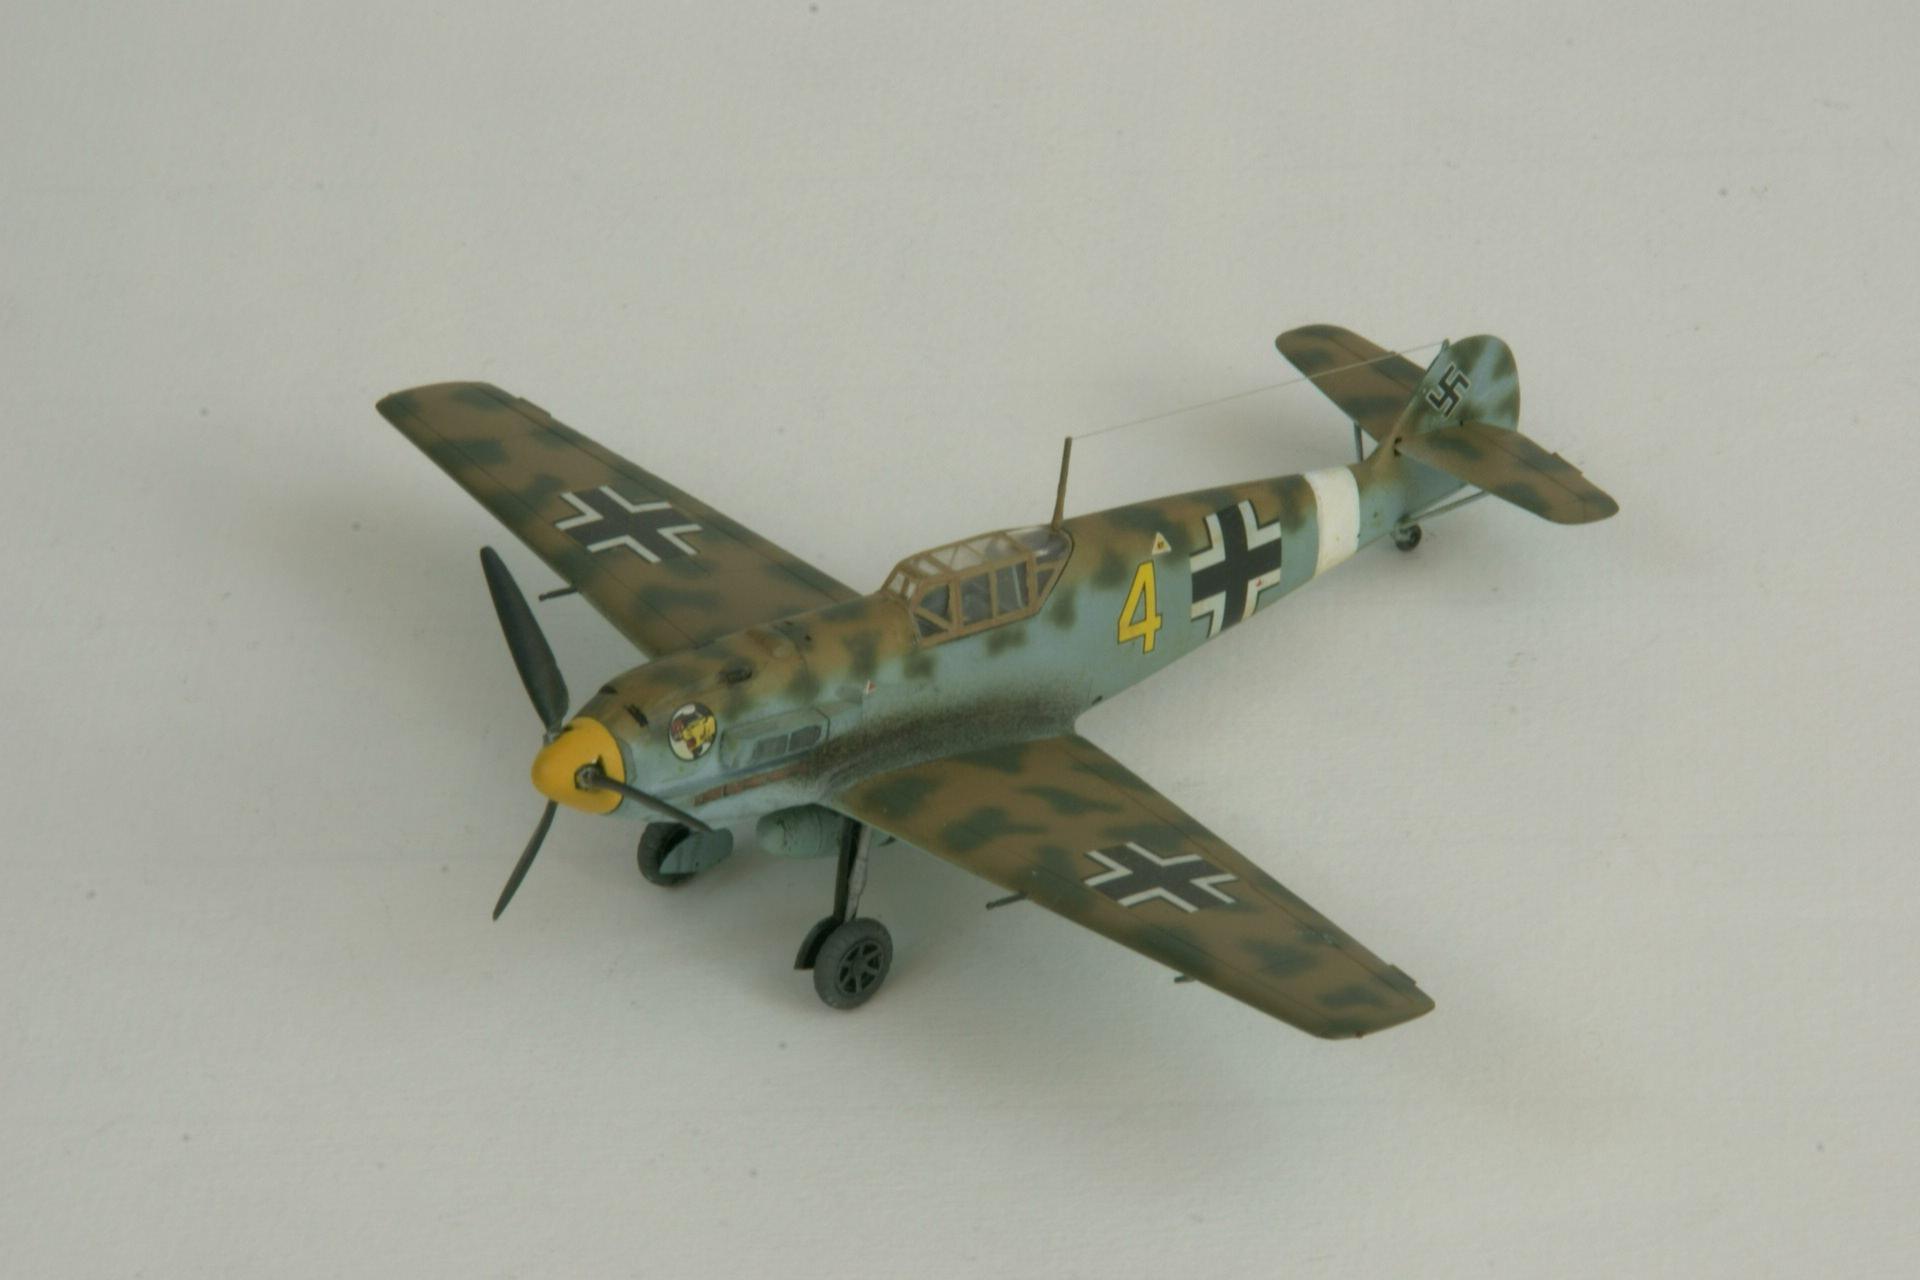 Messerschmitt 109e 4 trop 1